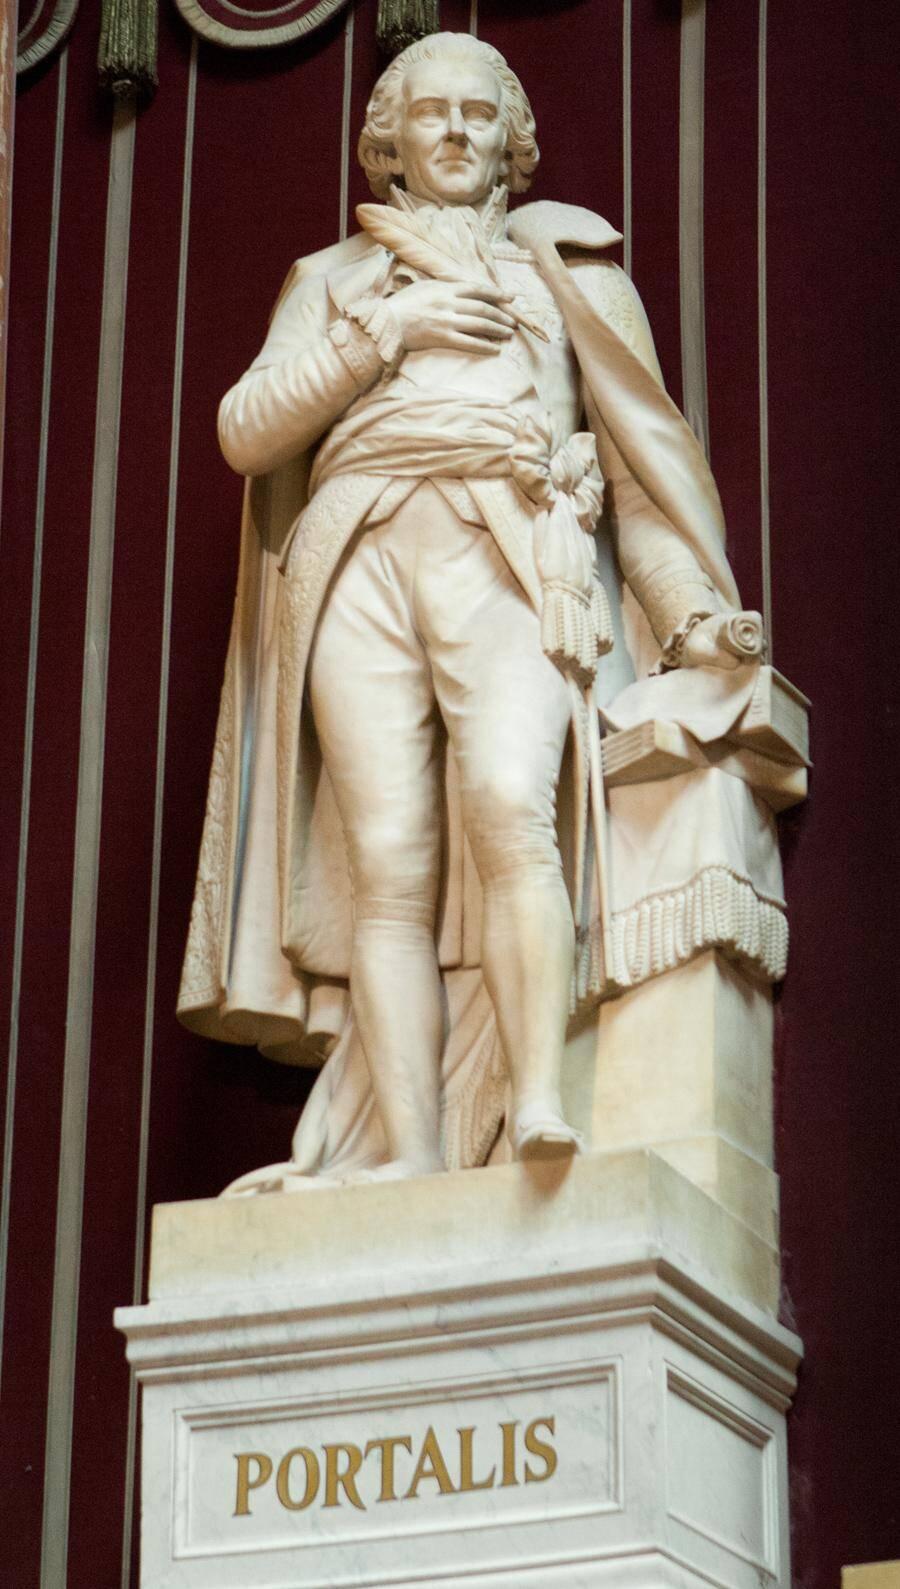 Un buste monumental de Portalis fait face à l'hémicycle des sénateurs au Palais du Luxembourg, au côté de ceux de cinq autres « grands législateurs ».